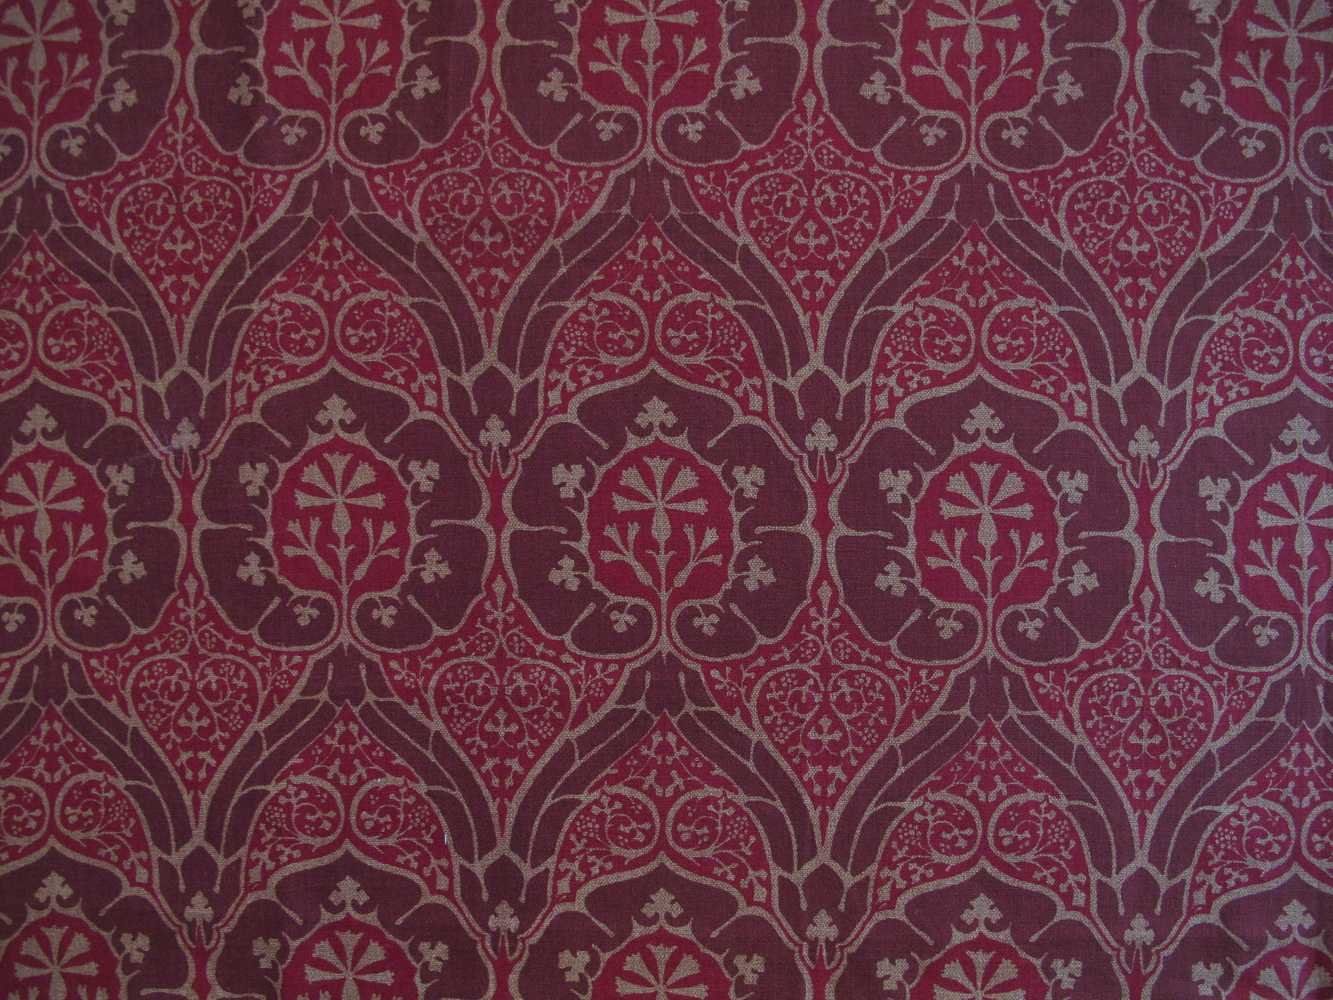 Jugendstil Stoffe Tapeten : Jugendstil/Art Nouveau ? floraler Jugendstil gro?gemusterte Stoffe